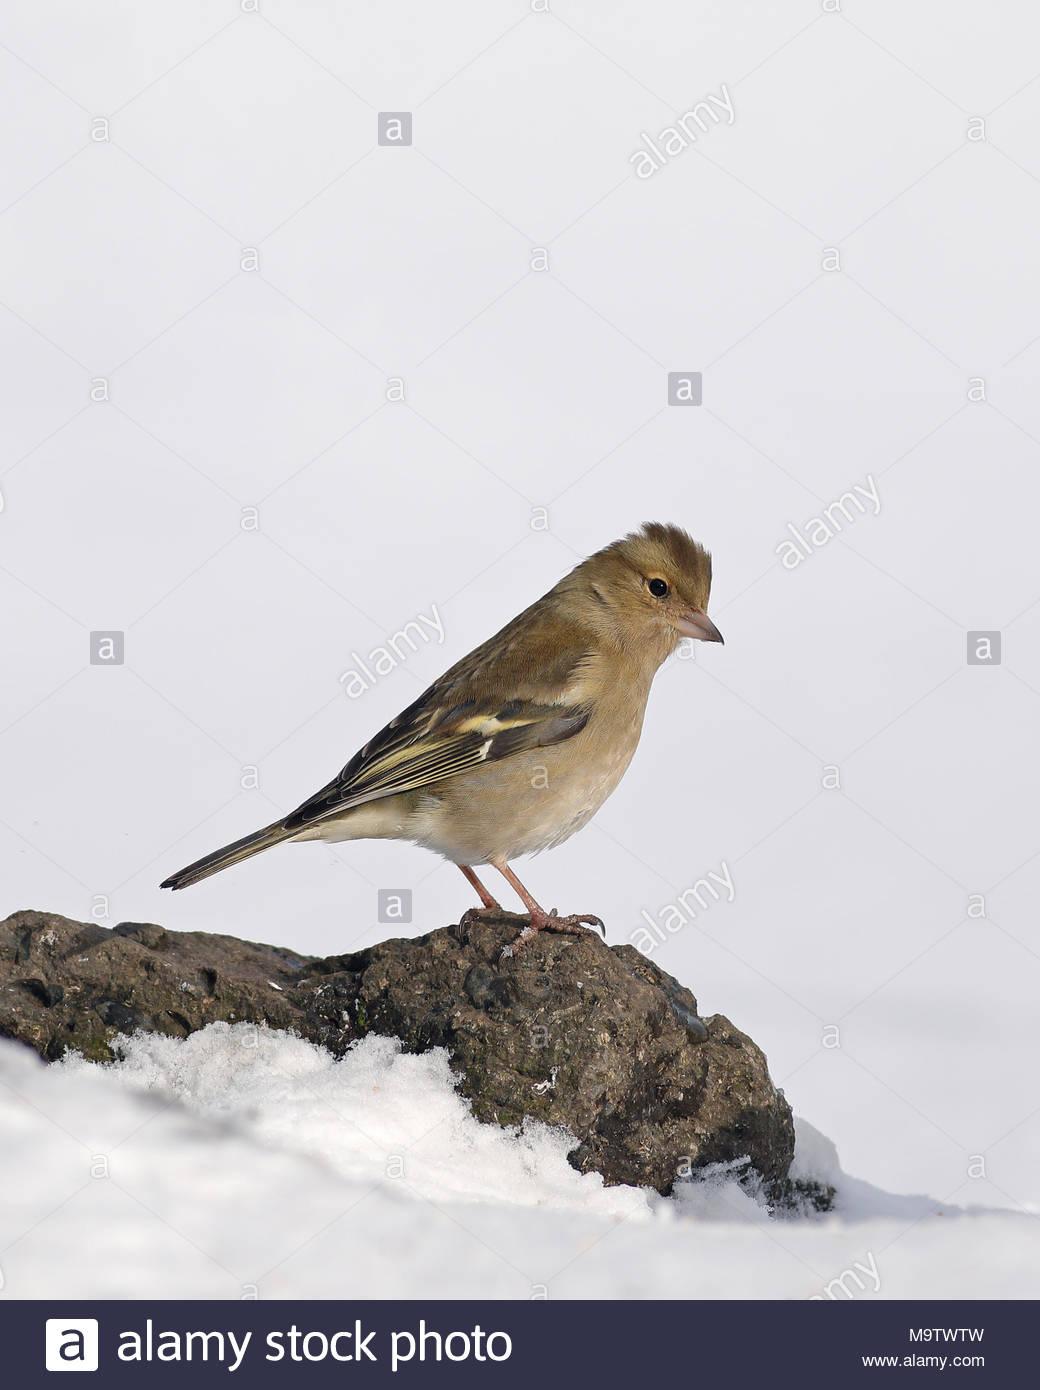 Una hembra de pinzón posado sobre una roca en un prado cubierto de nieve. Foto de stock